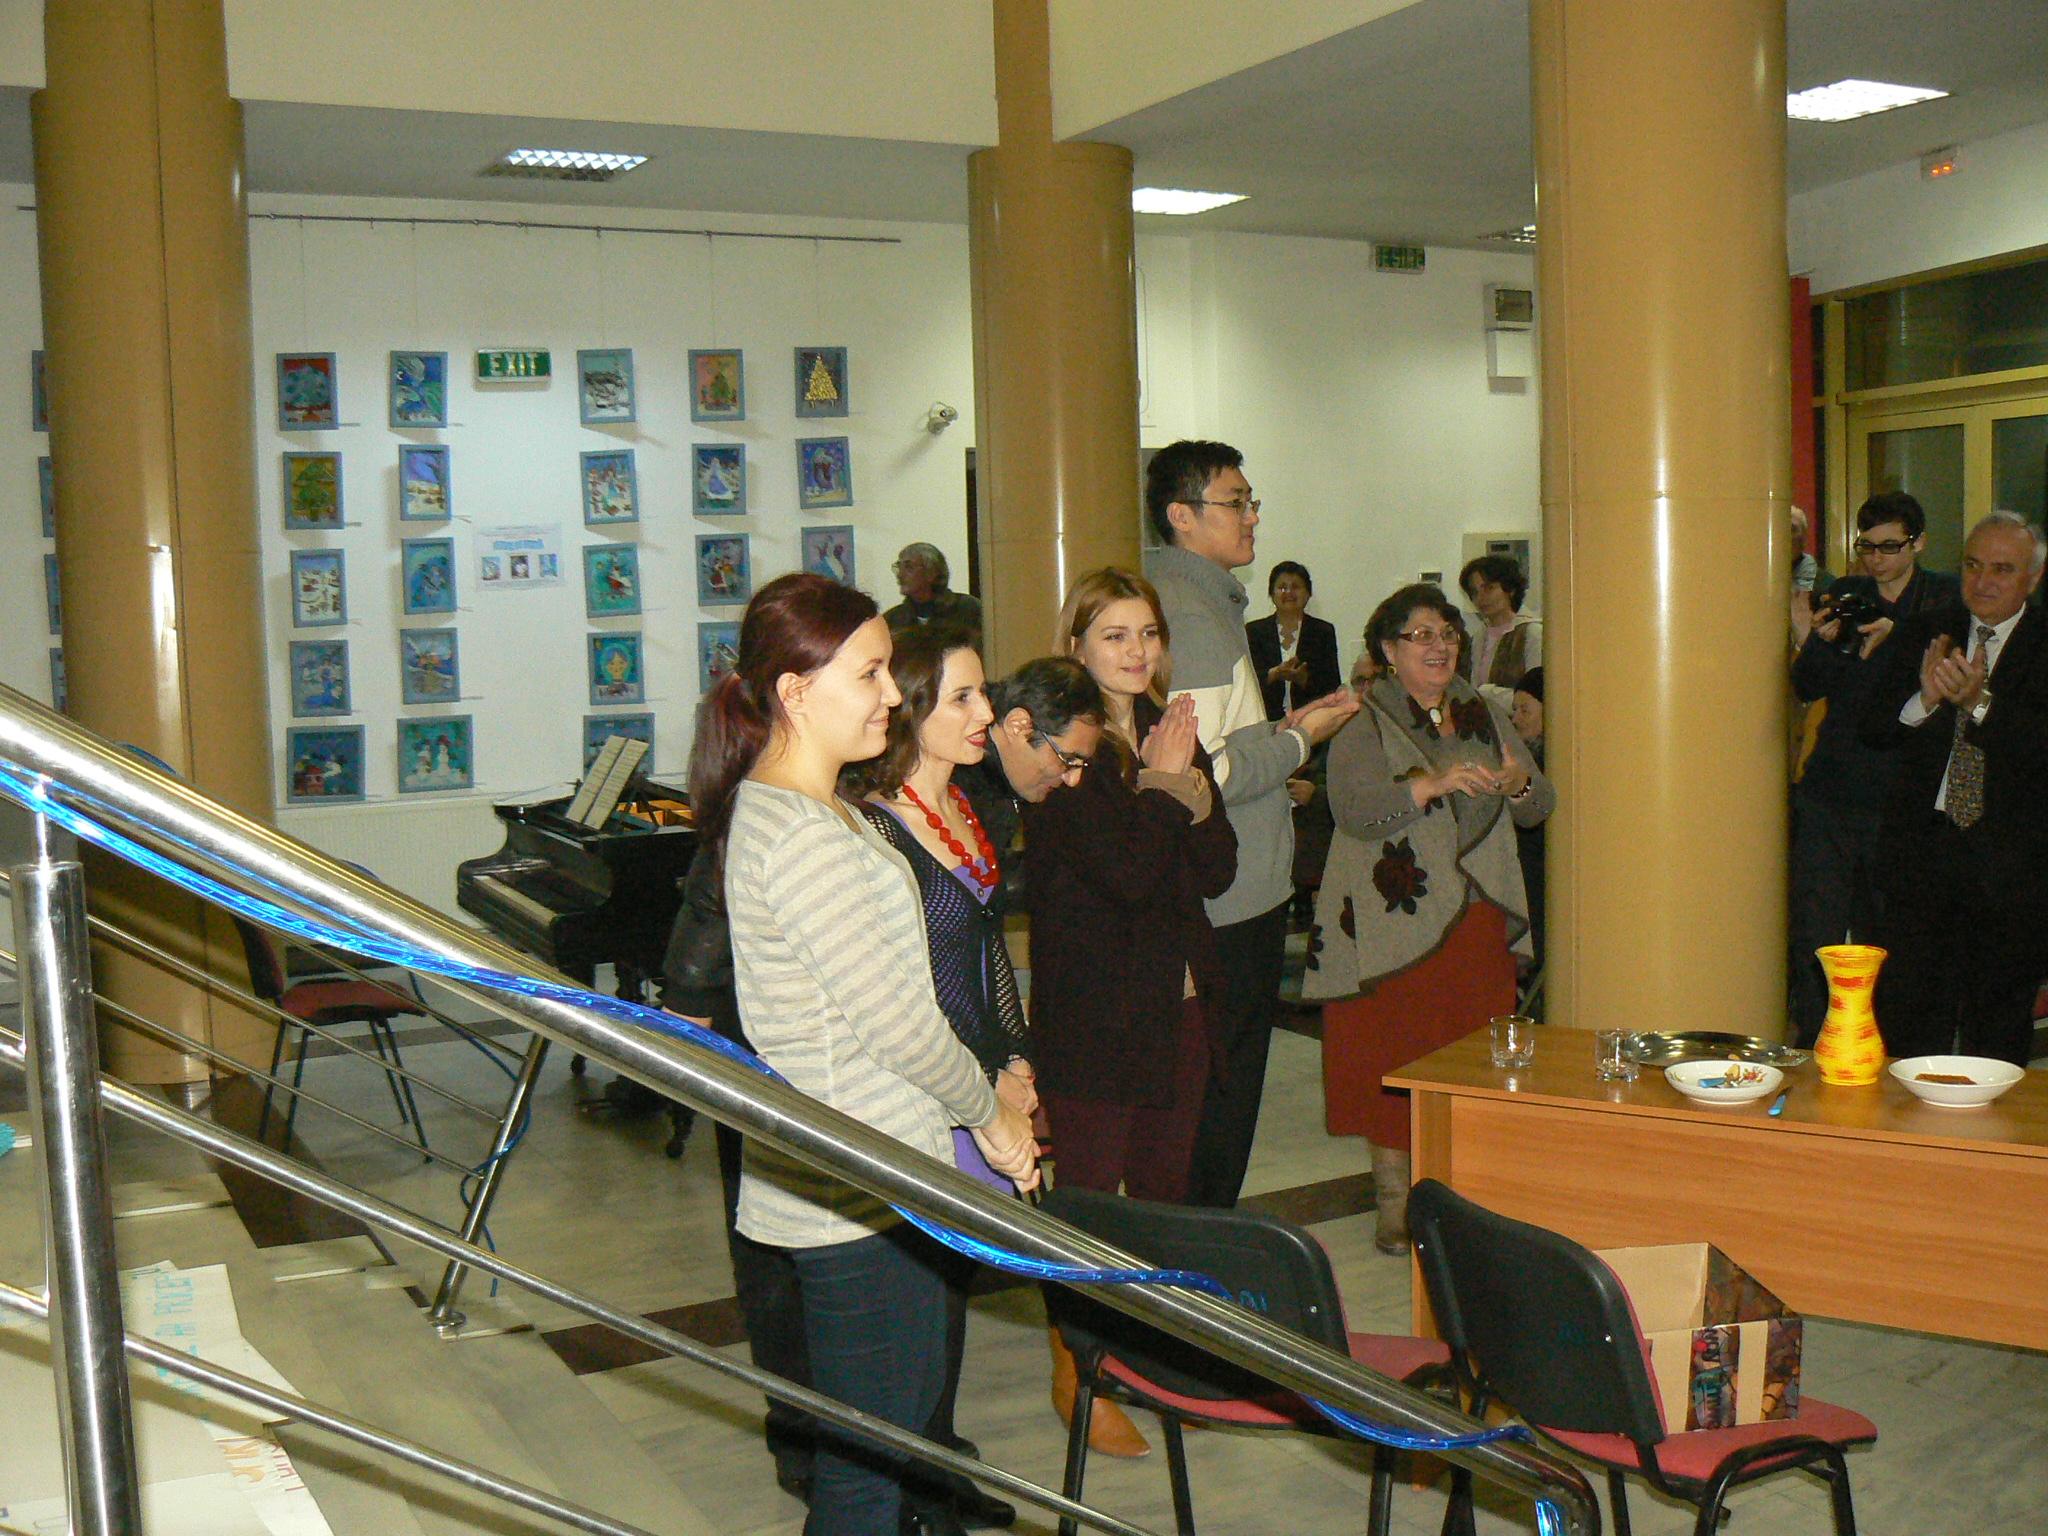 Dupa spectacol Sanda Constantinescu, multumind artistilor si...publicului